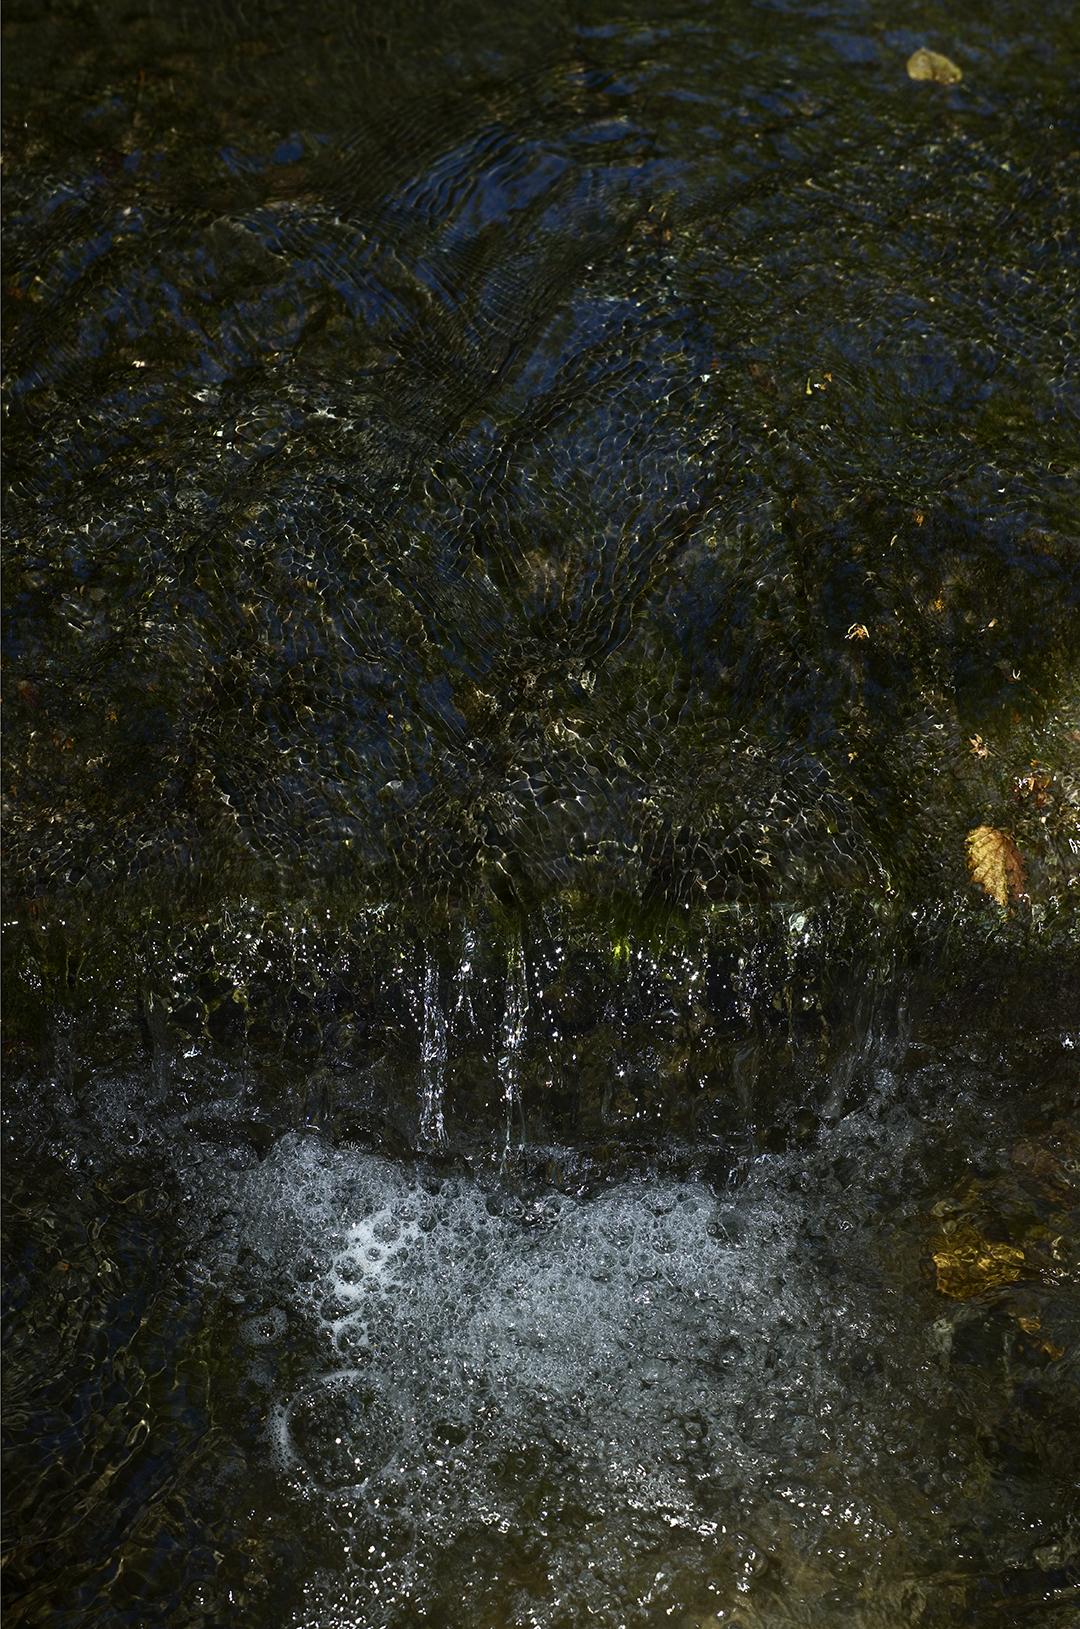 Bubbles in Fall - 2 +.jpg